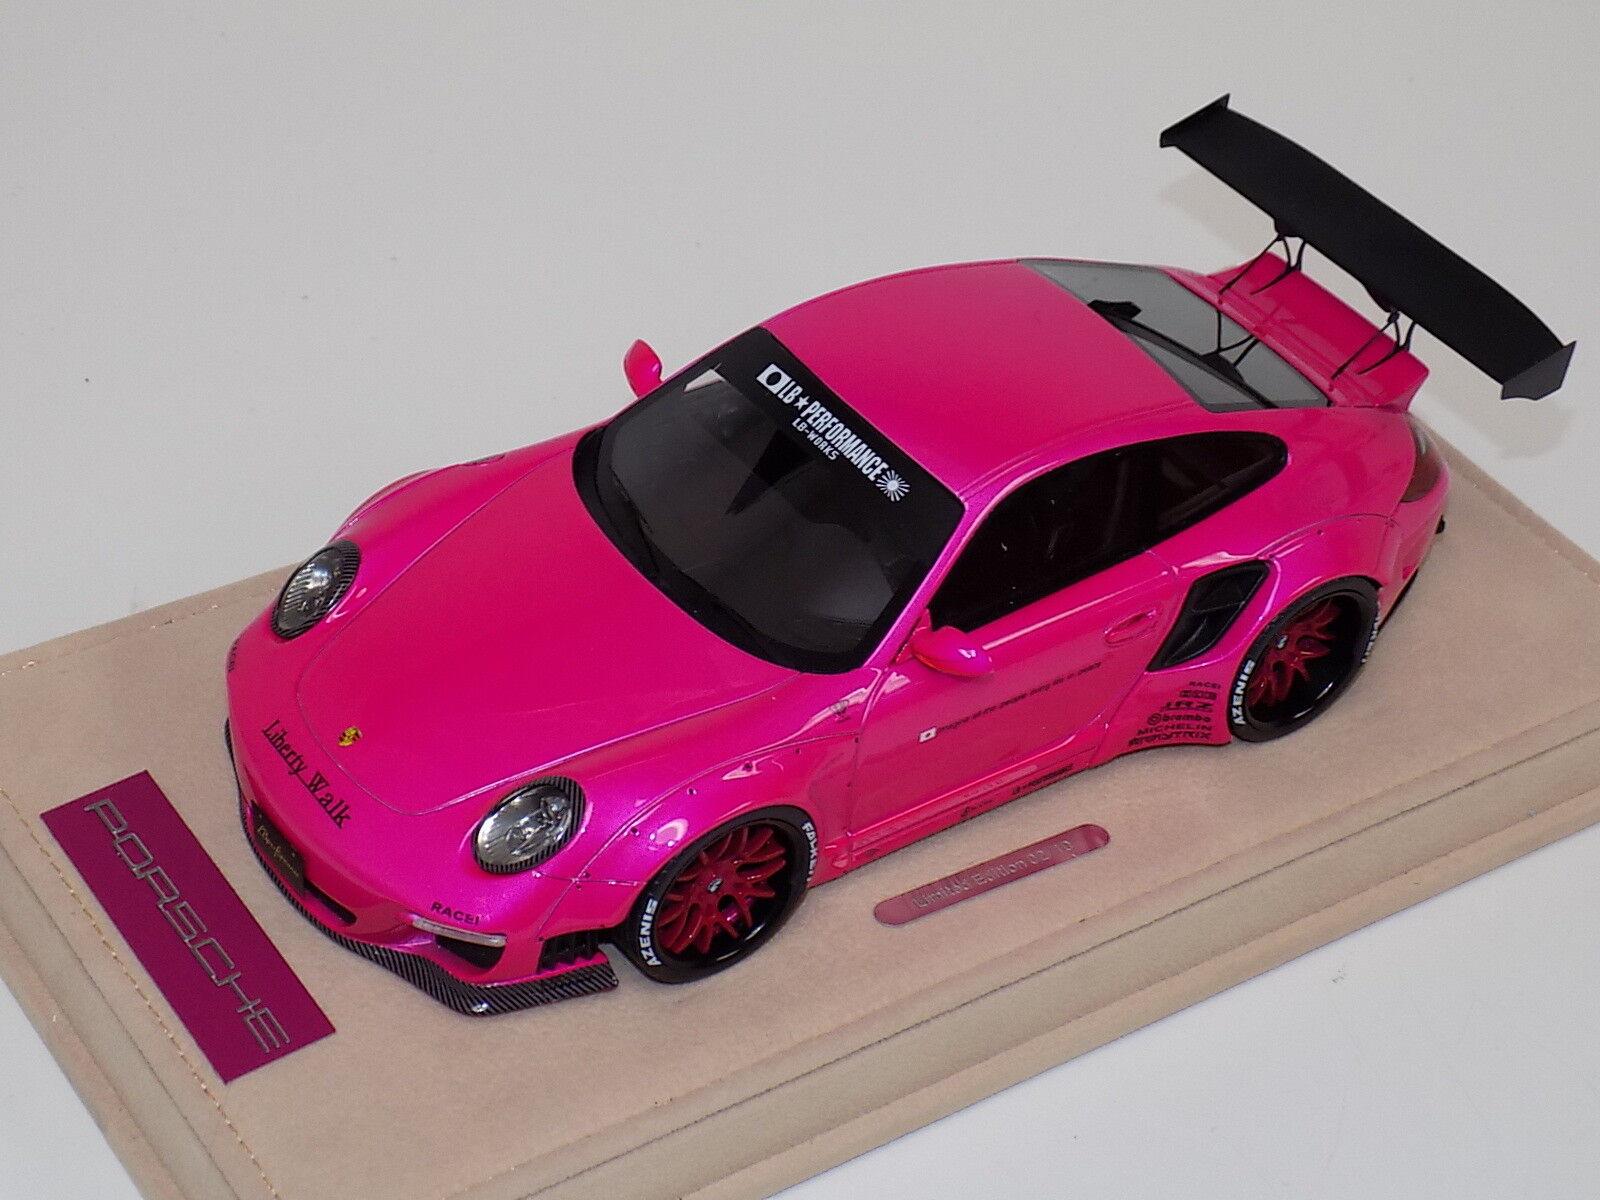 salida de fábrica ab modelos Porsche  Liberty Liberty Liberty Walk lb rendimiento Flash calcomanías de Rosa 05F  mas barato